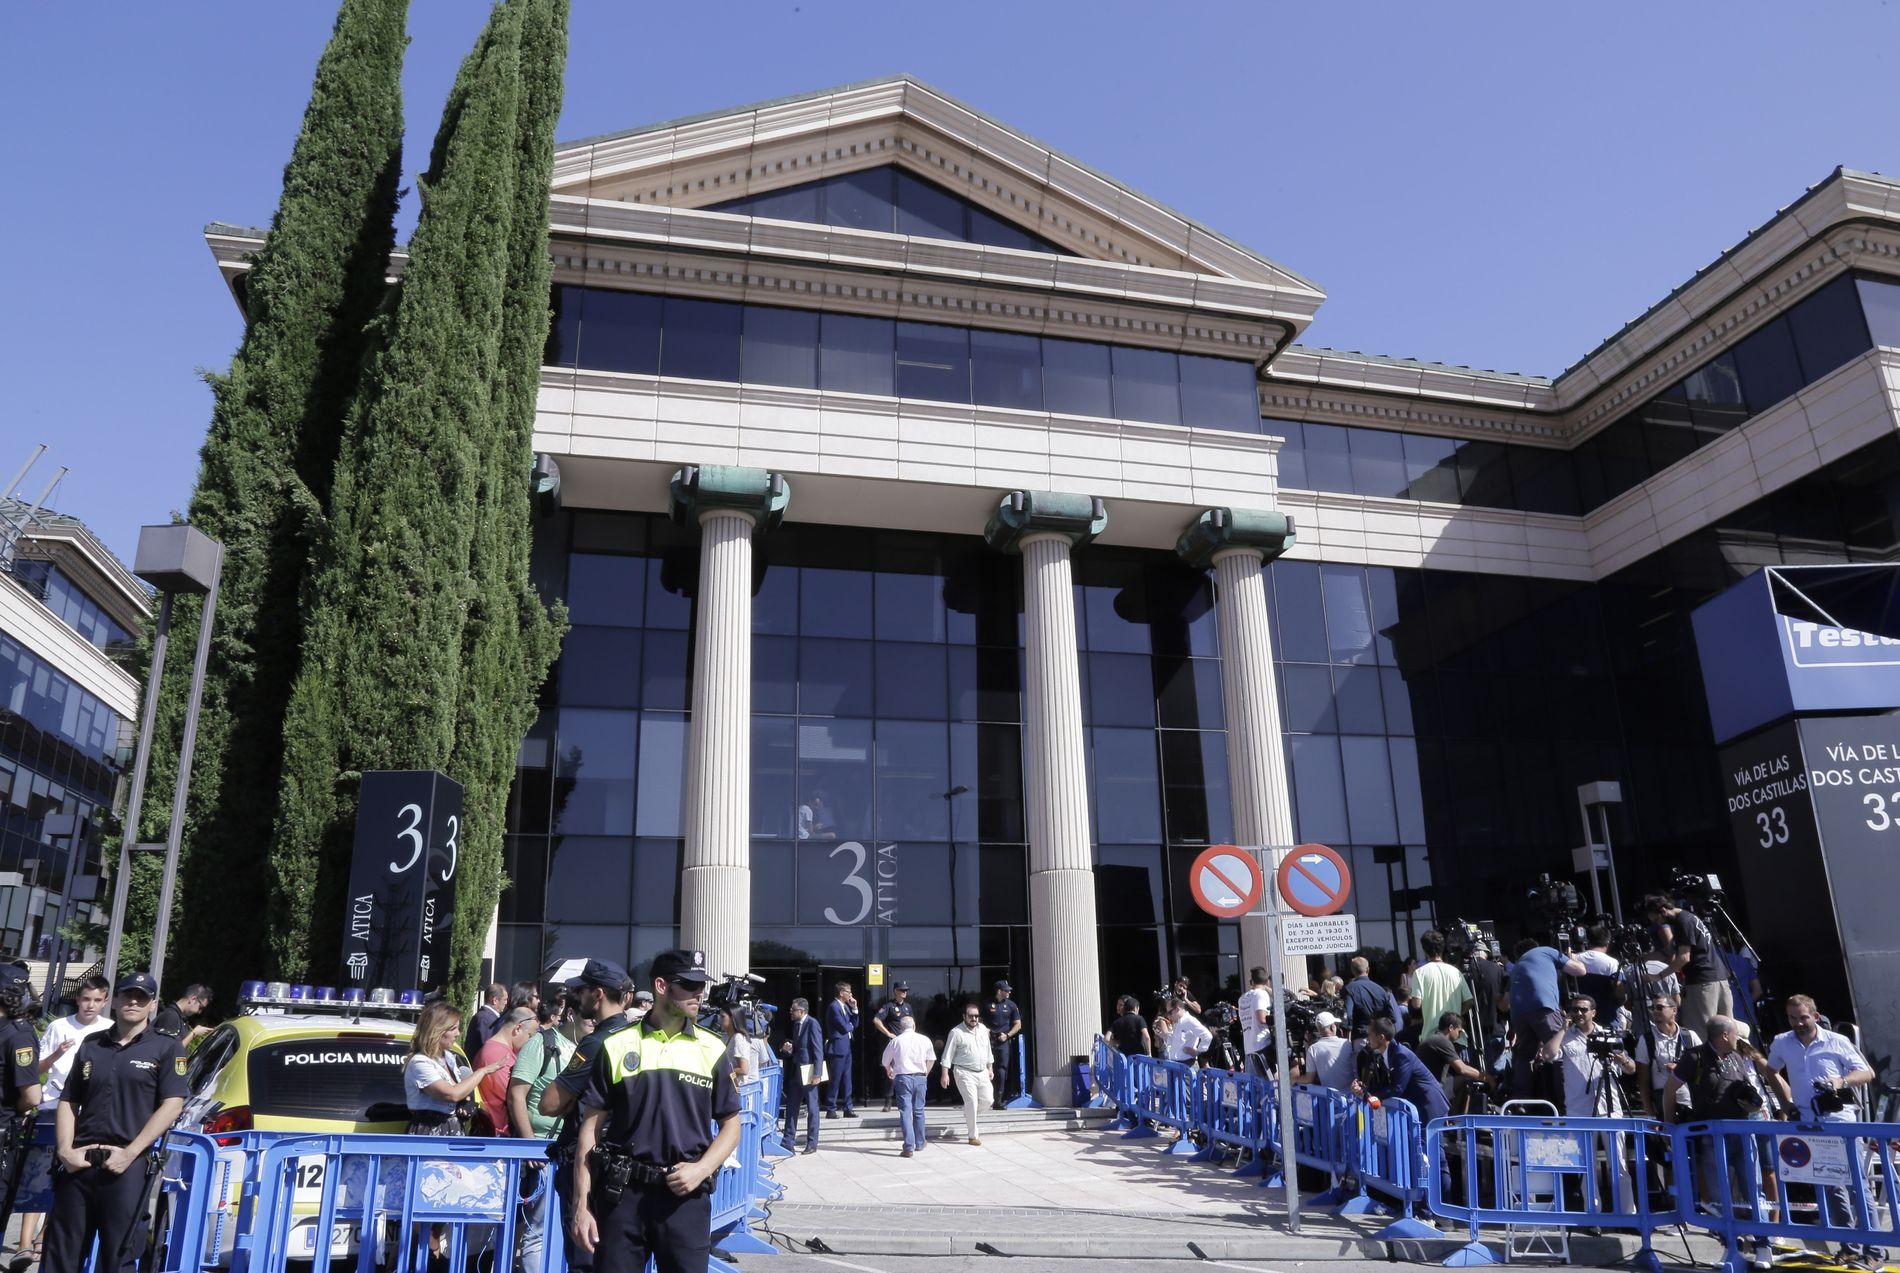 SKATTEJAKT: Det var fullt kaos utenfor rettslokalet i Madrid da Cristiano Ronaldo måtte svare for seg 31. juli i fjor.